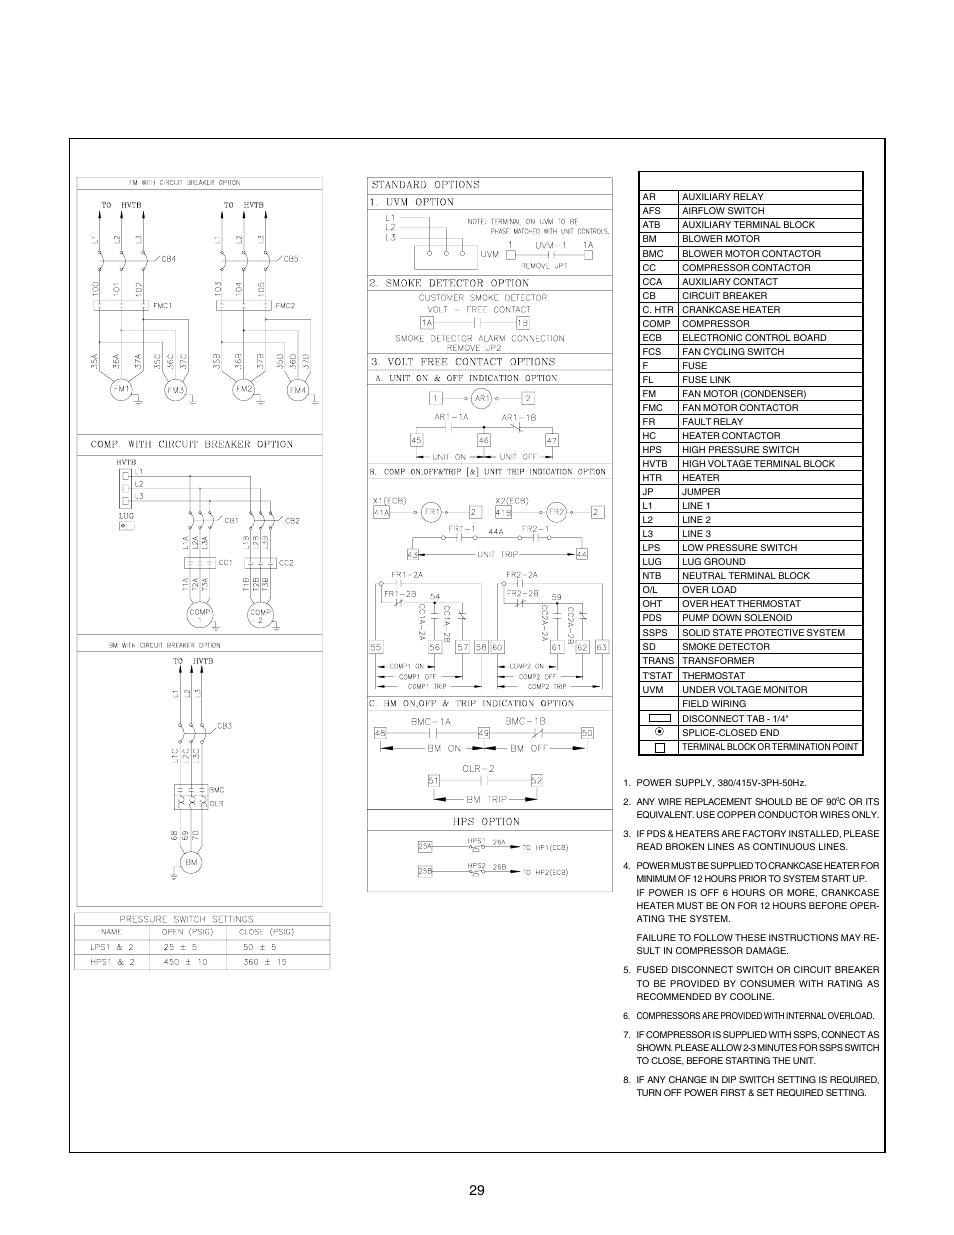 Typical Schematic Wiring Diagram